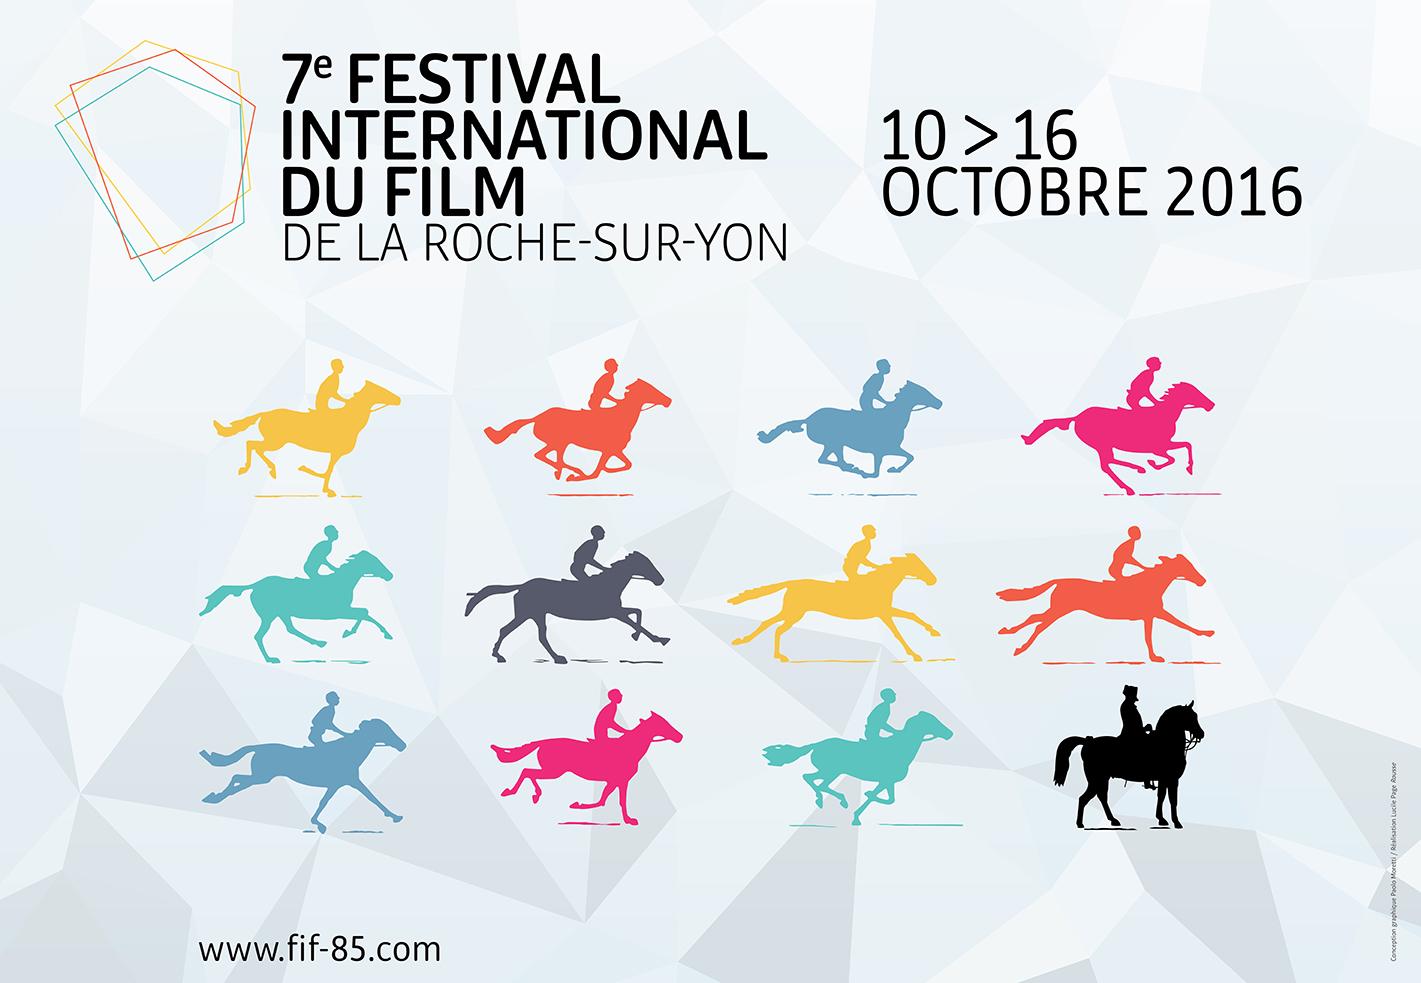 L'homme qui veut sauver Don Quichotte, en master class au Festival du Film de La-Roche-sur-Yon